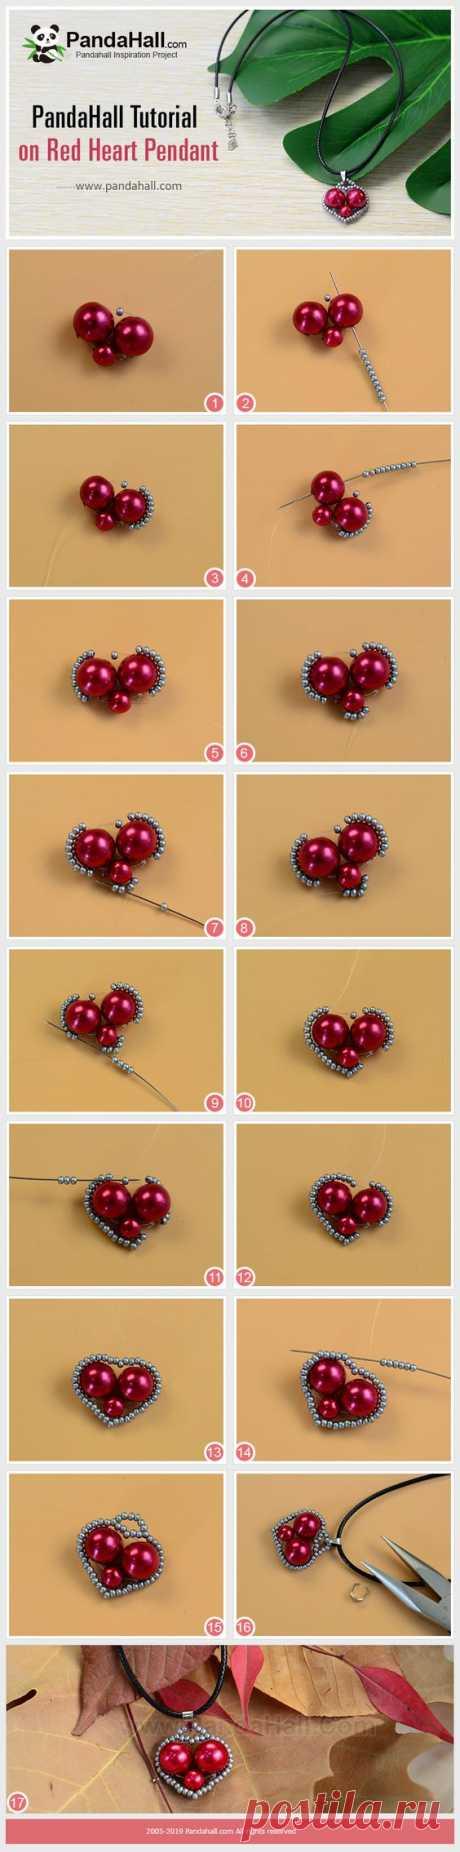 Кулон красное сердце Эта подвеска изготовлена из красного бисера разных размеров. С уникальным дизайном формы сердца. Это очень просто сделать. Я верю, что вы можете научиться этому быстро.